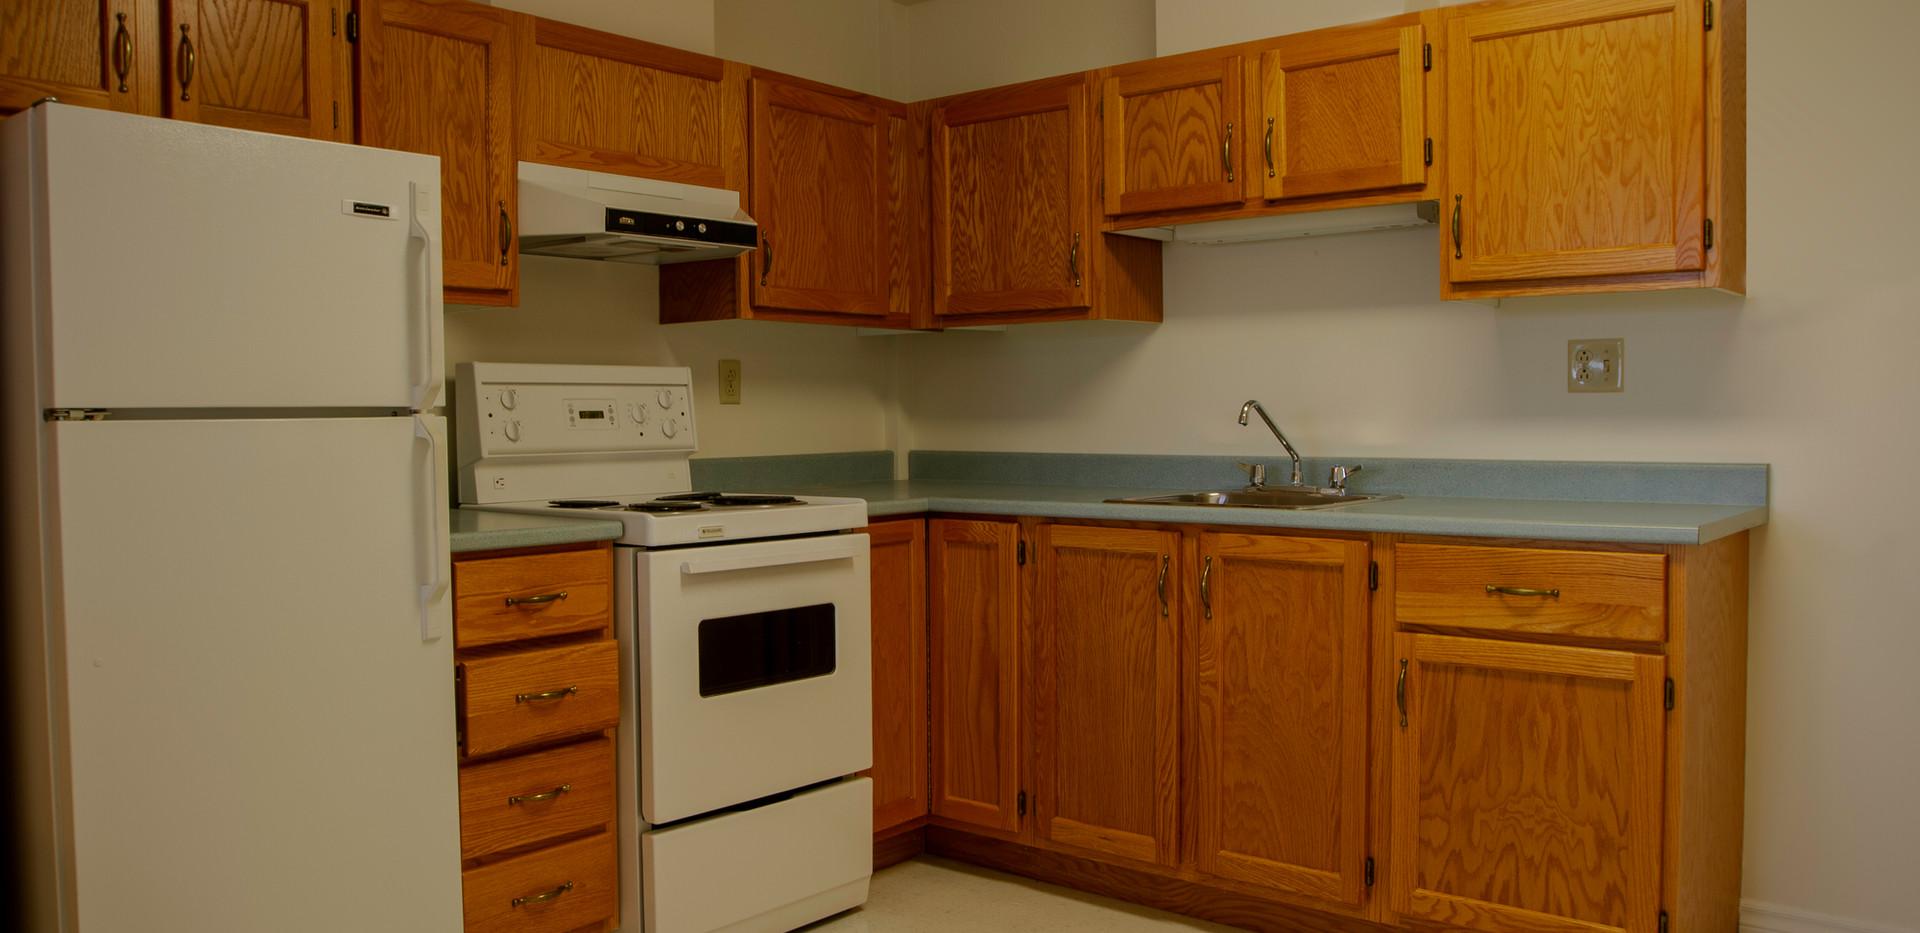 Room106-WillistonHouse-Img2.jpg